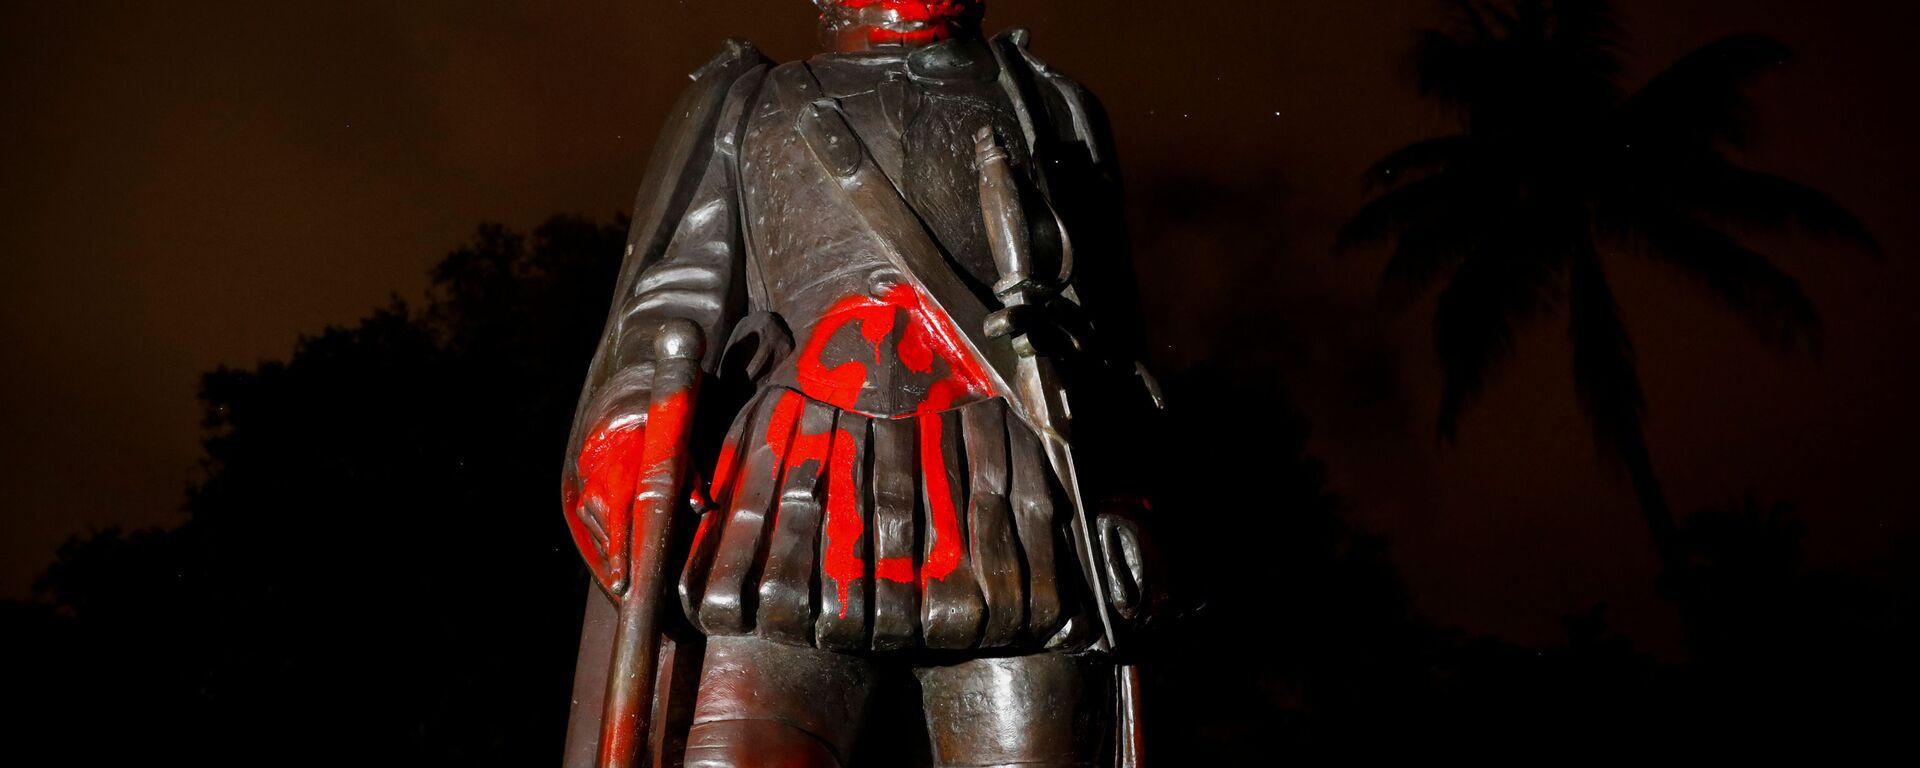 Оскверненная статуя Христофора Колумба,  Майами, штат Флорида, США - Sputnik Латвия, 1920, 22.06.2020